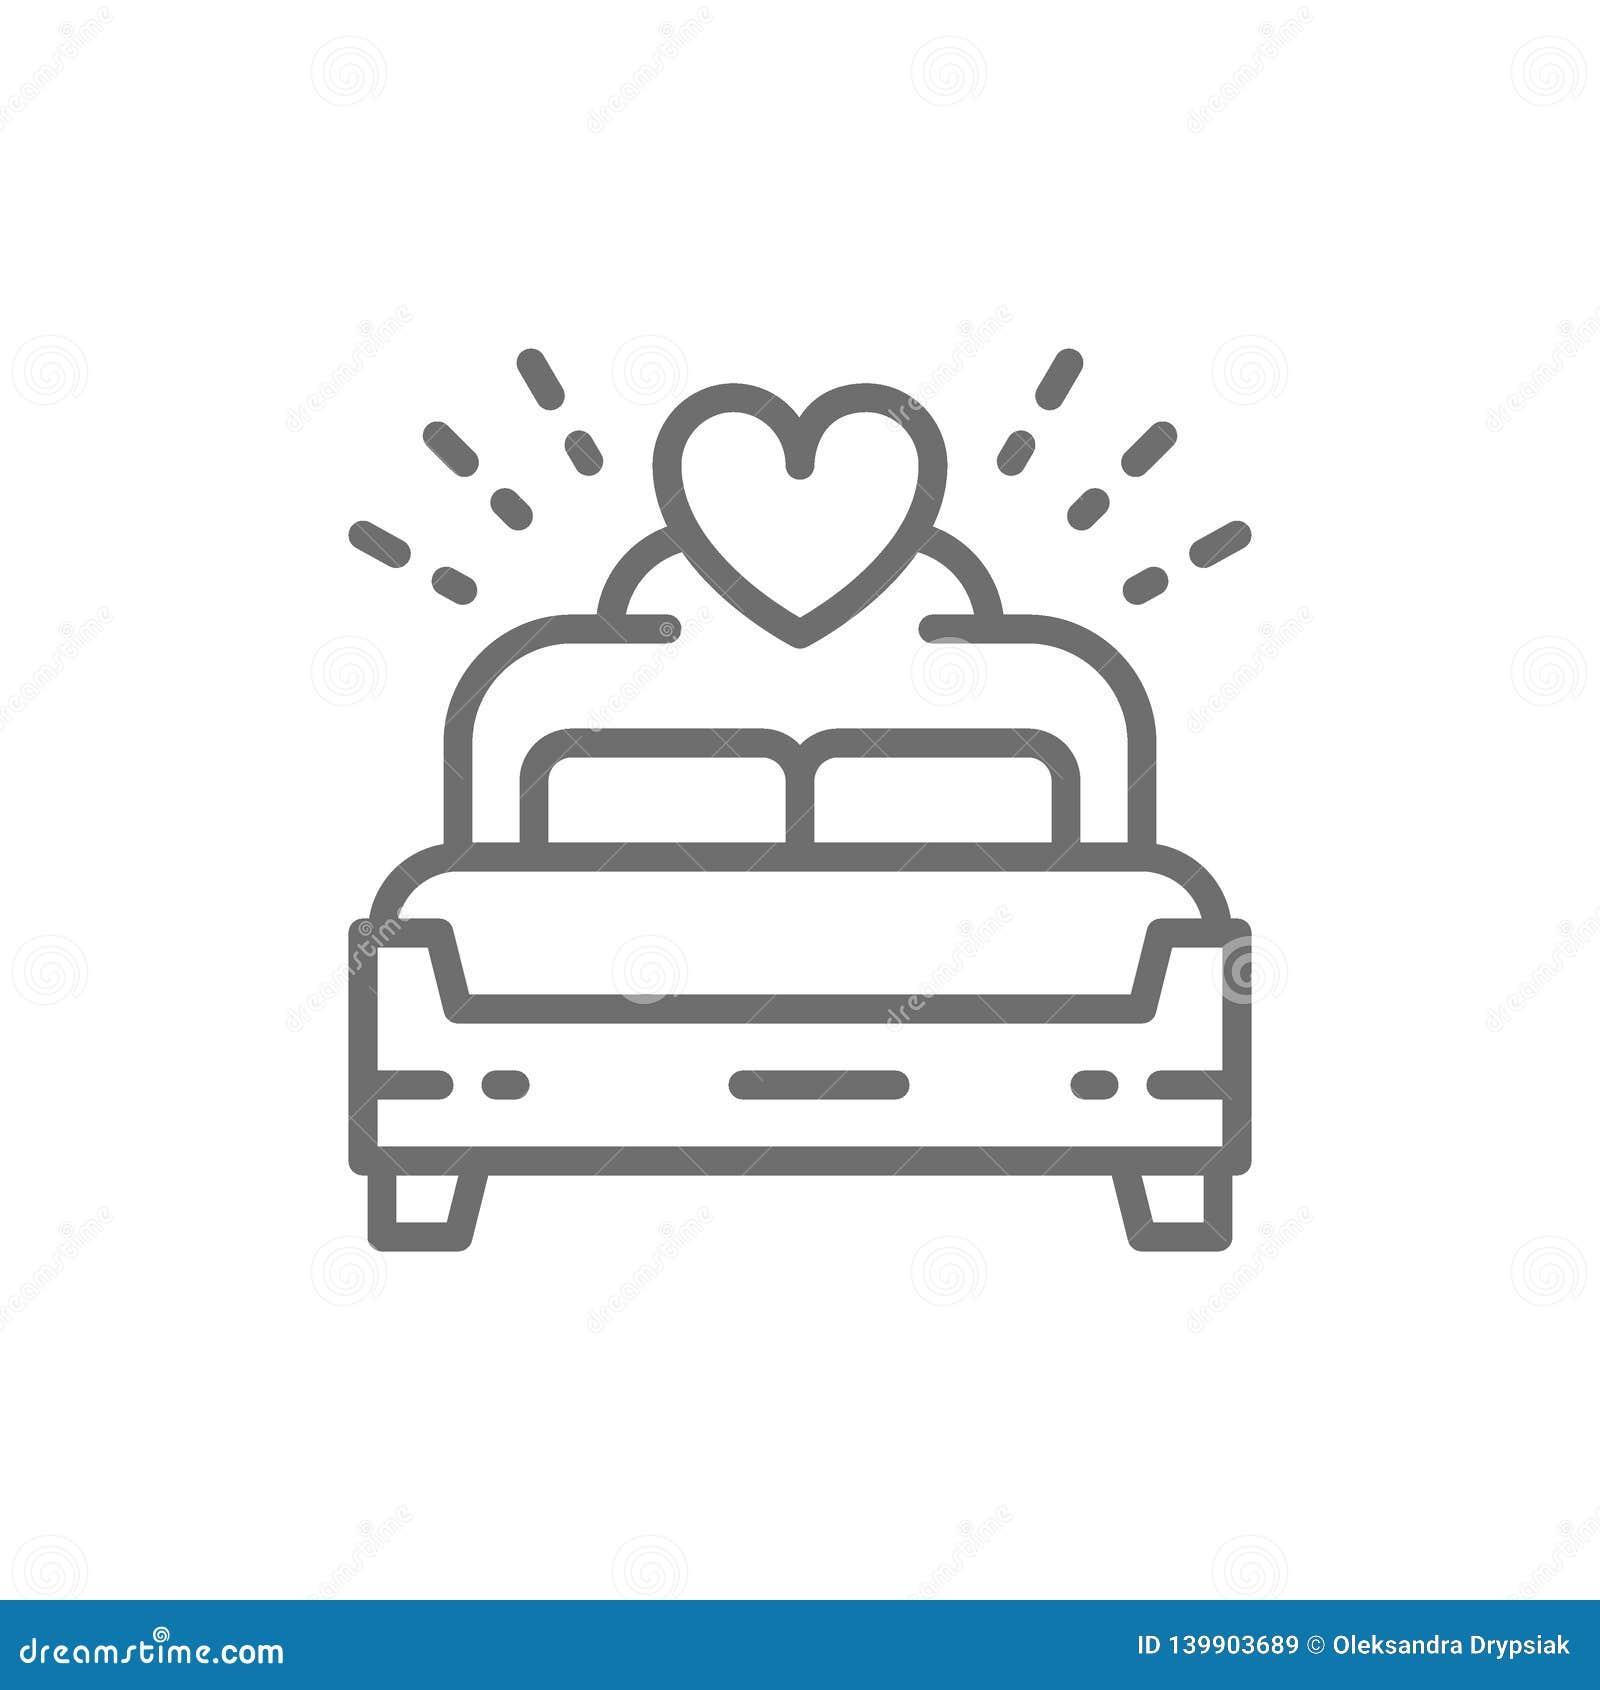 Brautbett, Königgrößenlinie Ikone